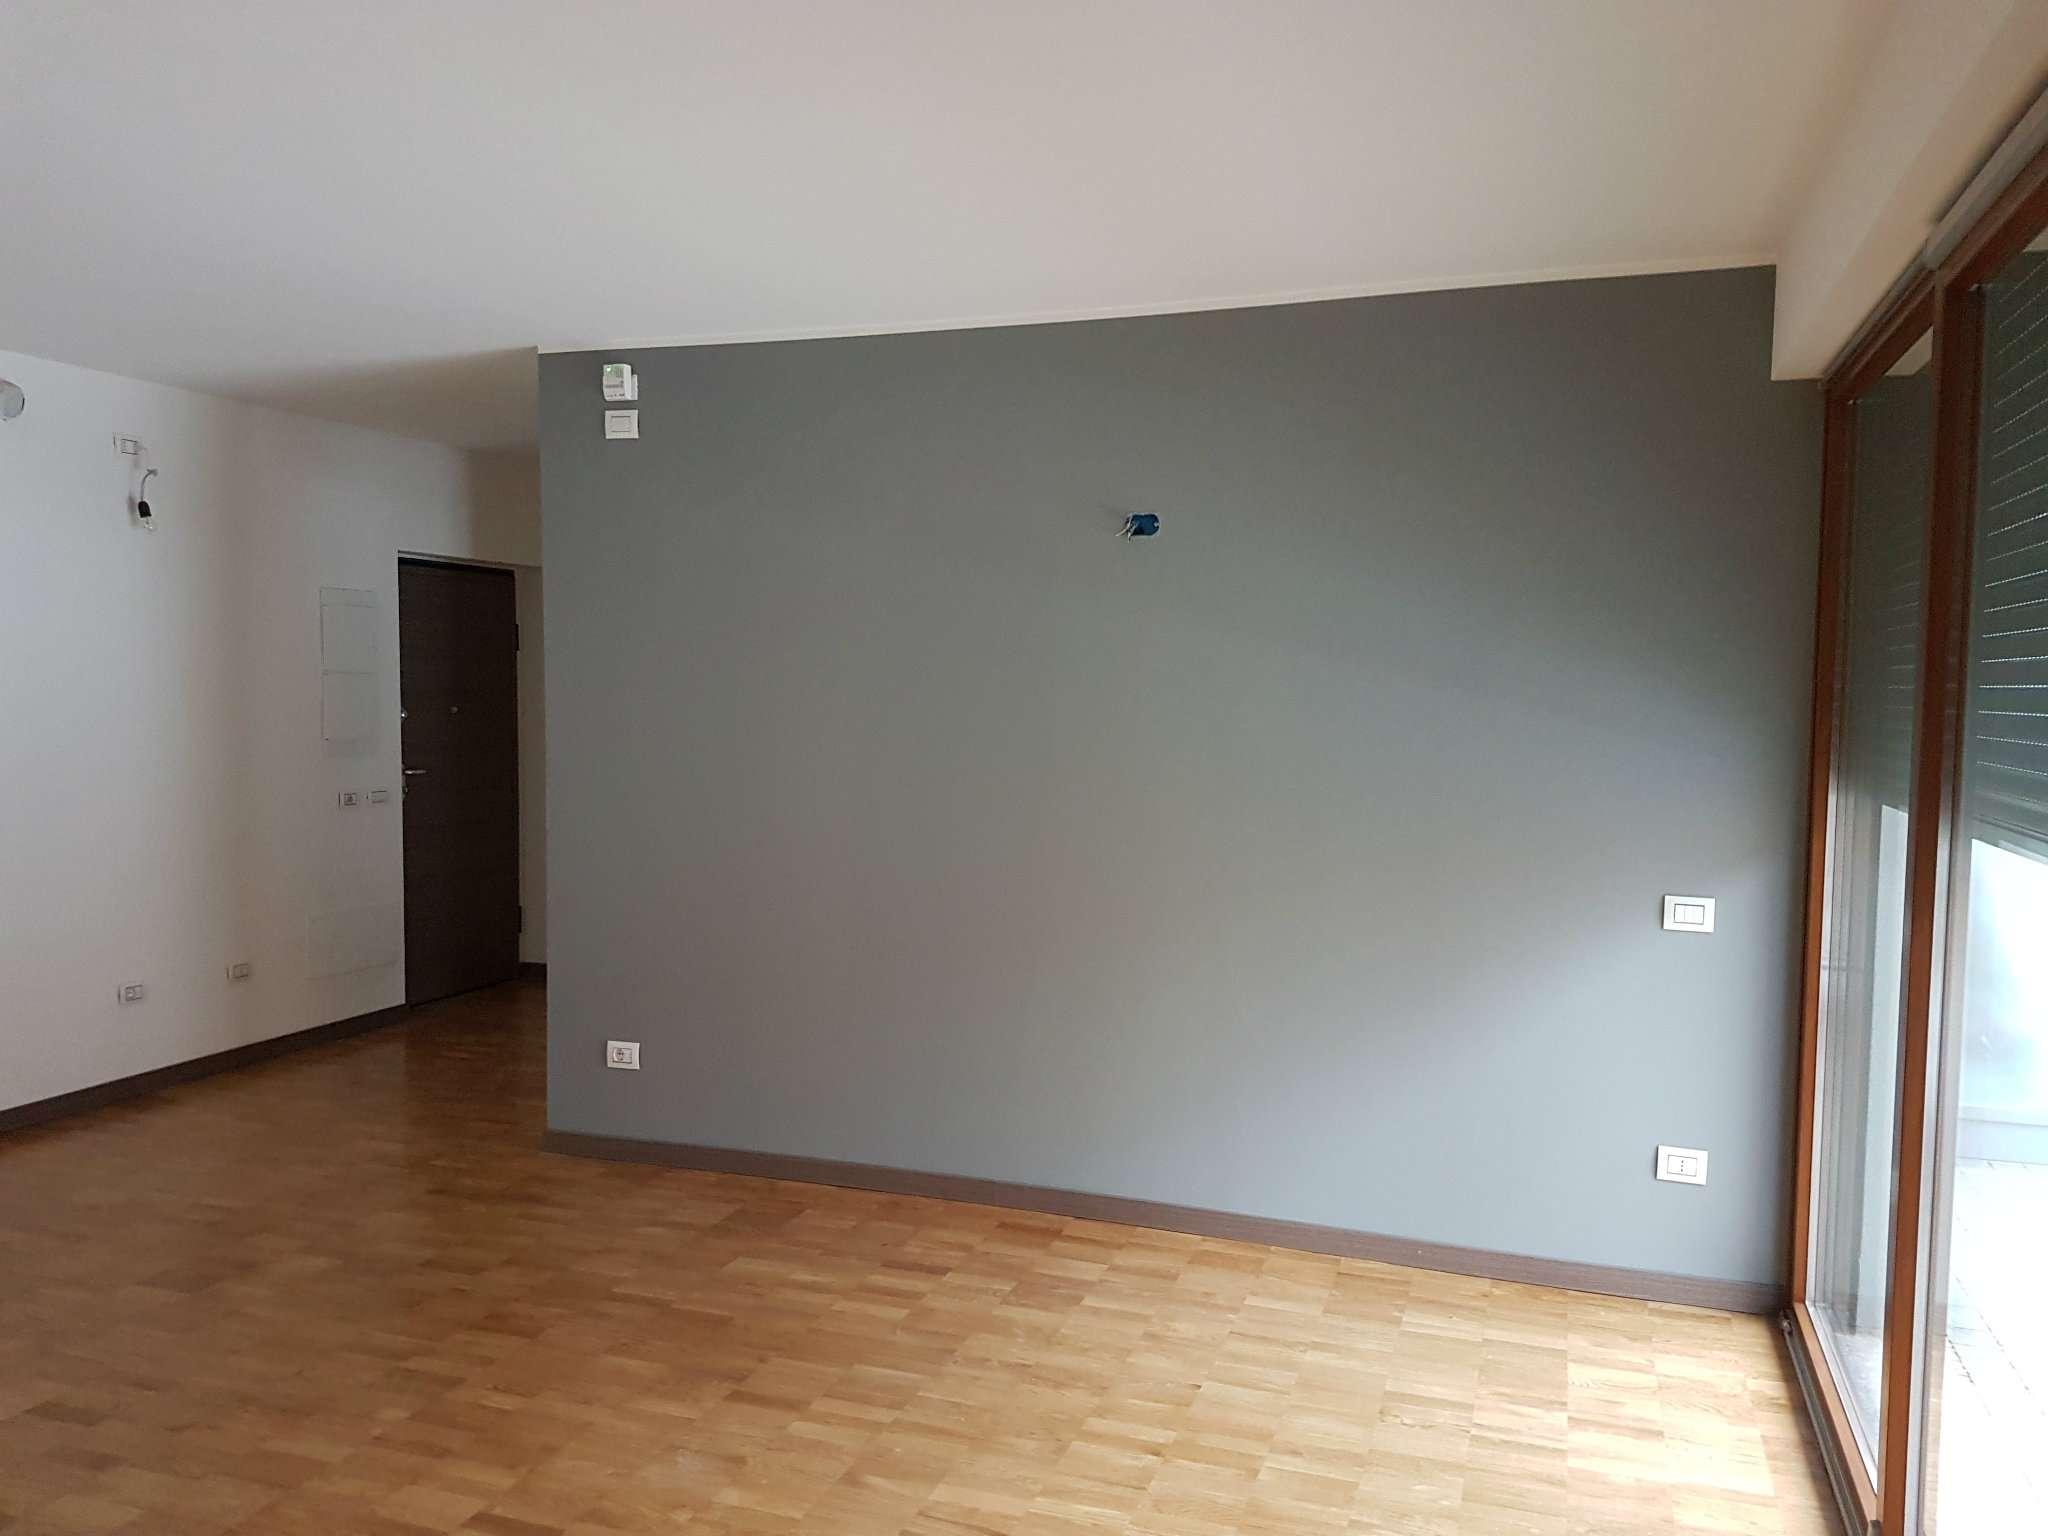 Ufficio / Studio in vendita a Sondrio, 1 locali, prezzo € 105.000 | PortaleAgenzieImmobiliari.it